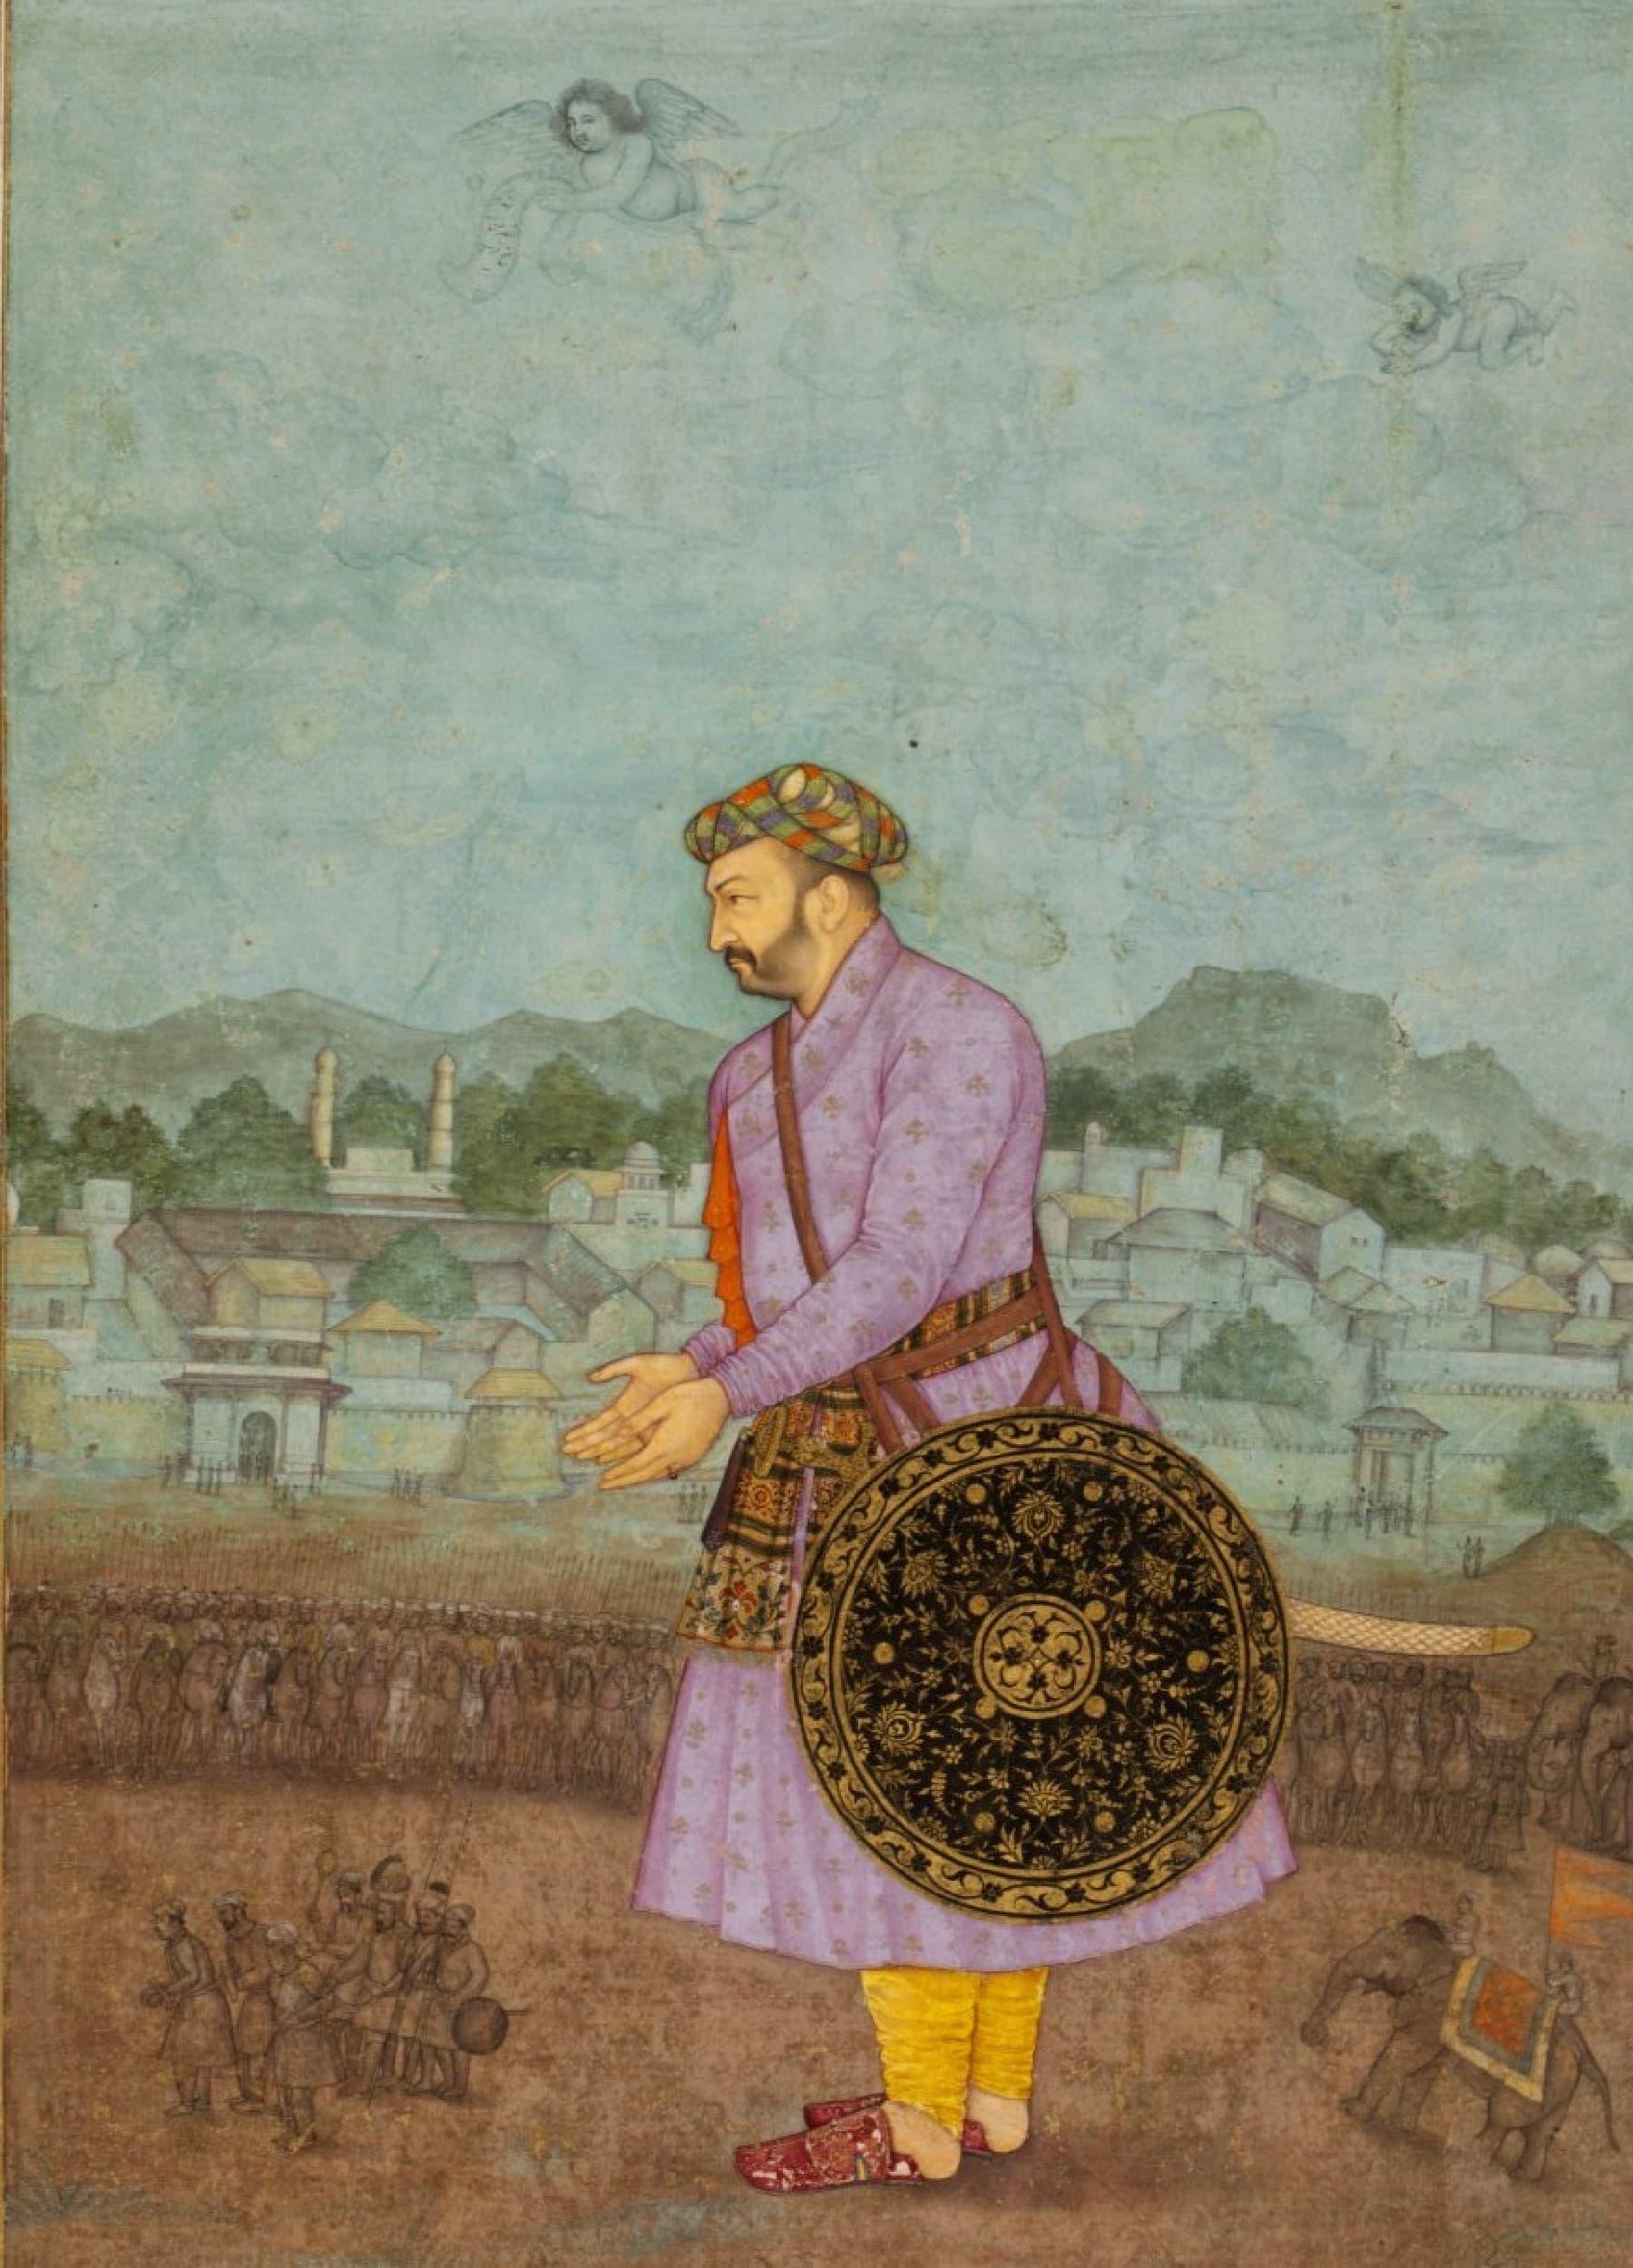 نورجہاں کے بھائی، ابوالحسن آصف خان